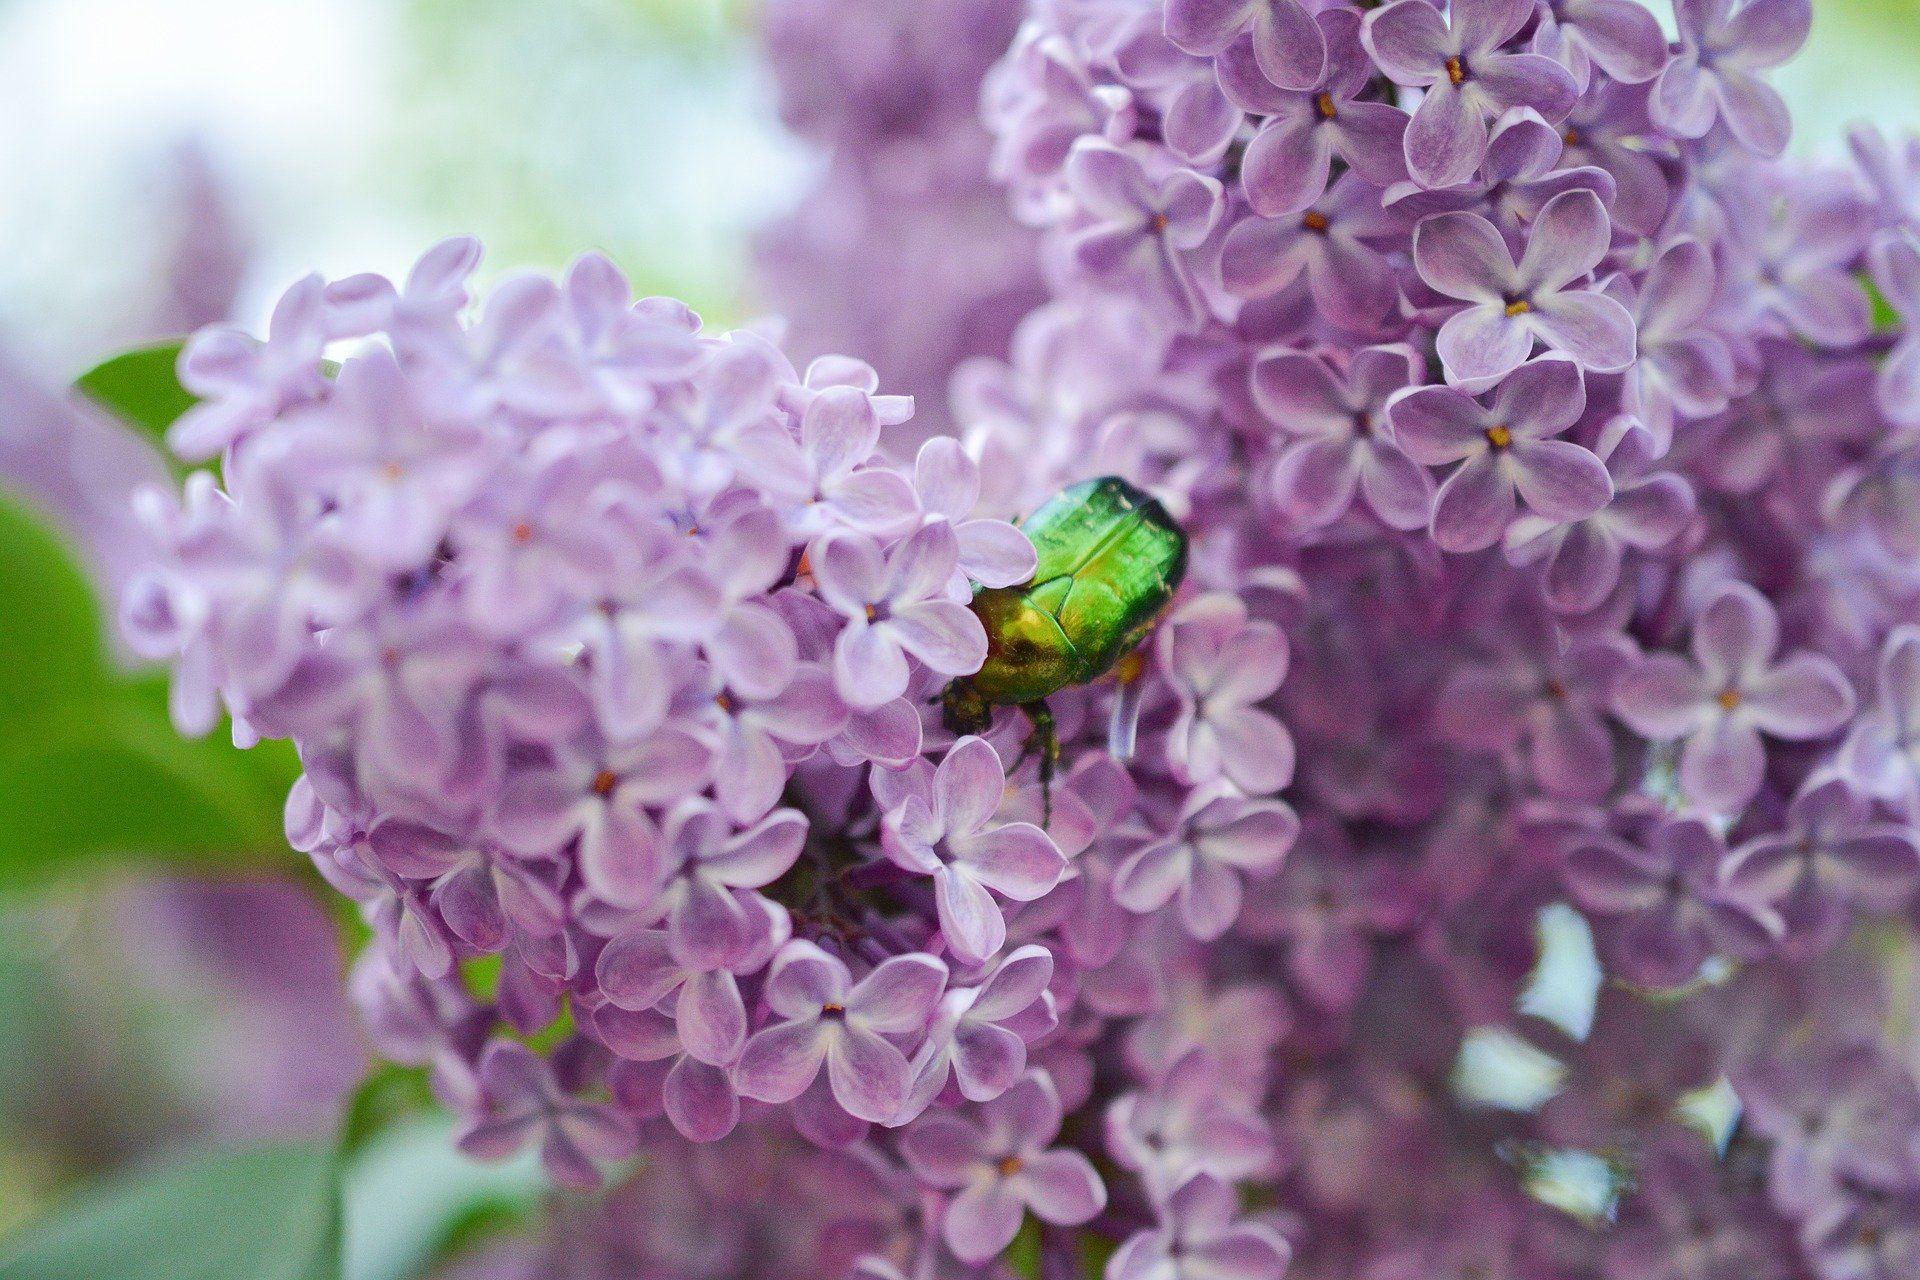 Смотреть интересную картинку жука